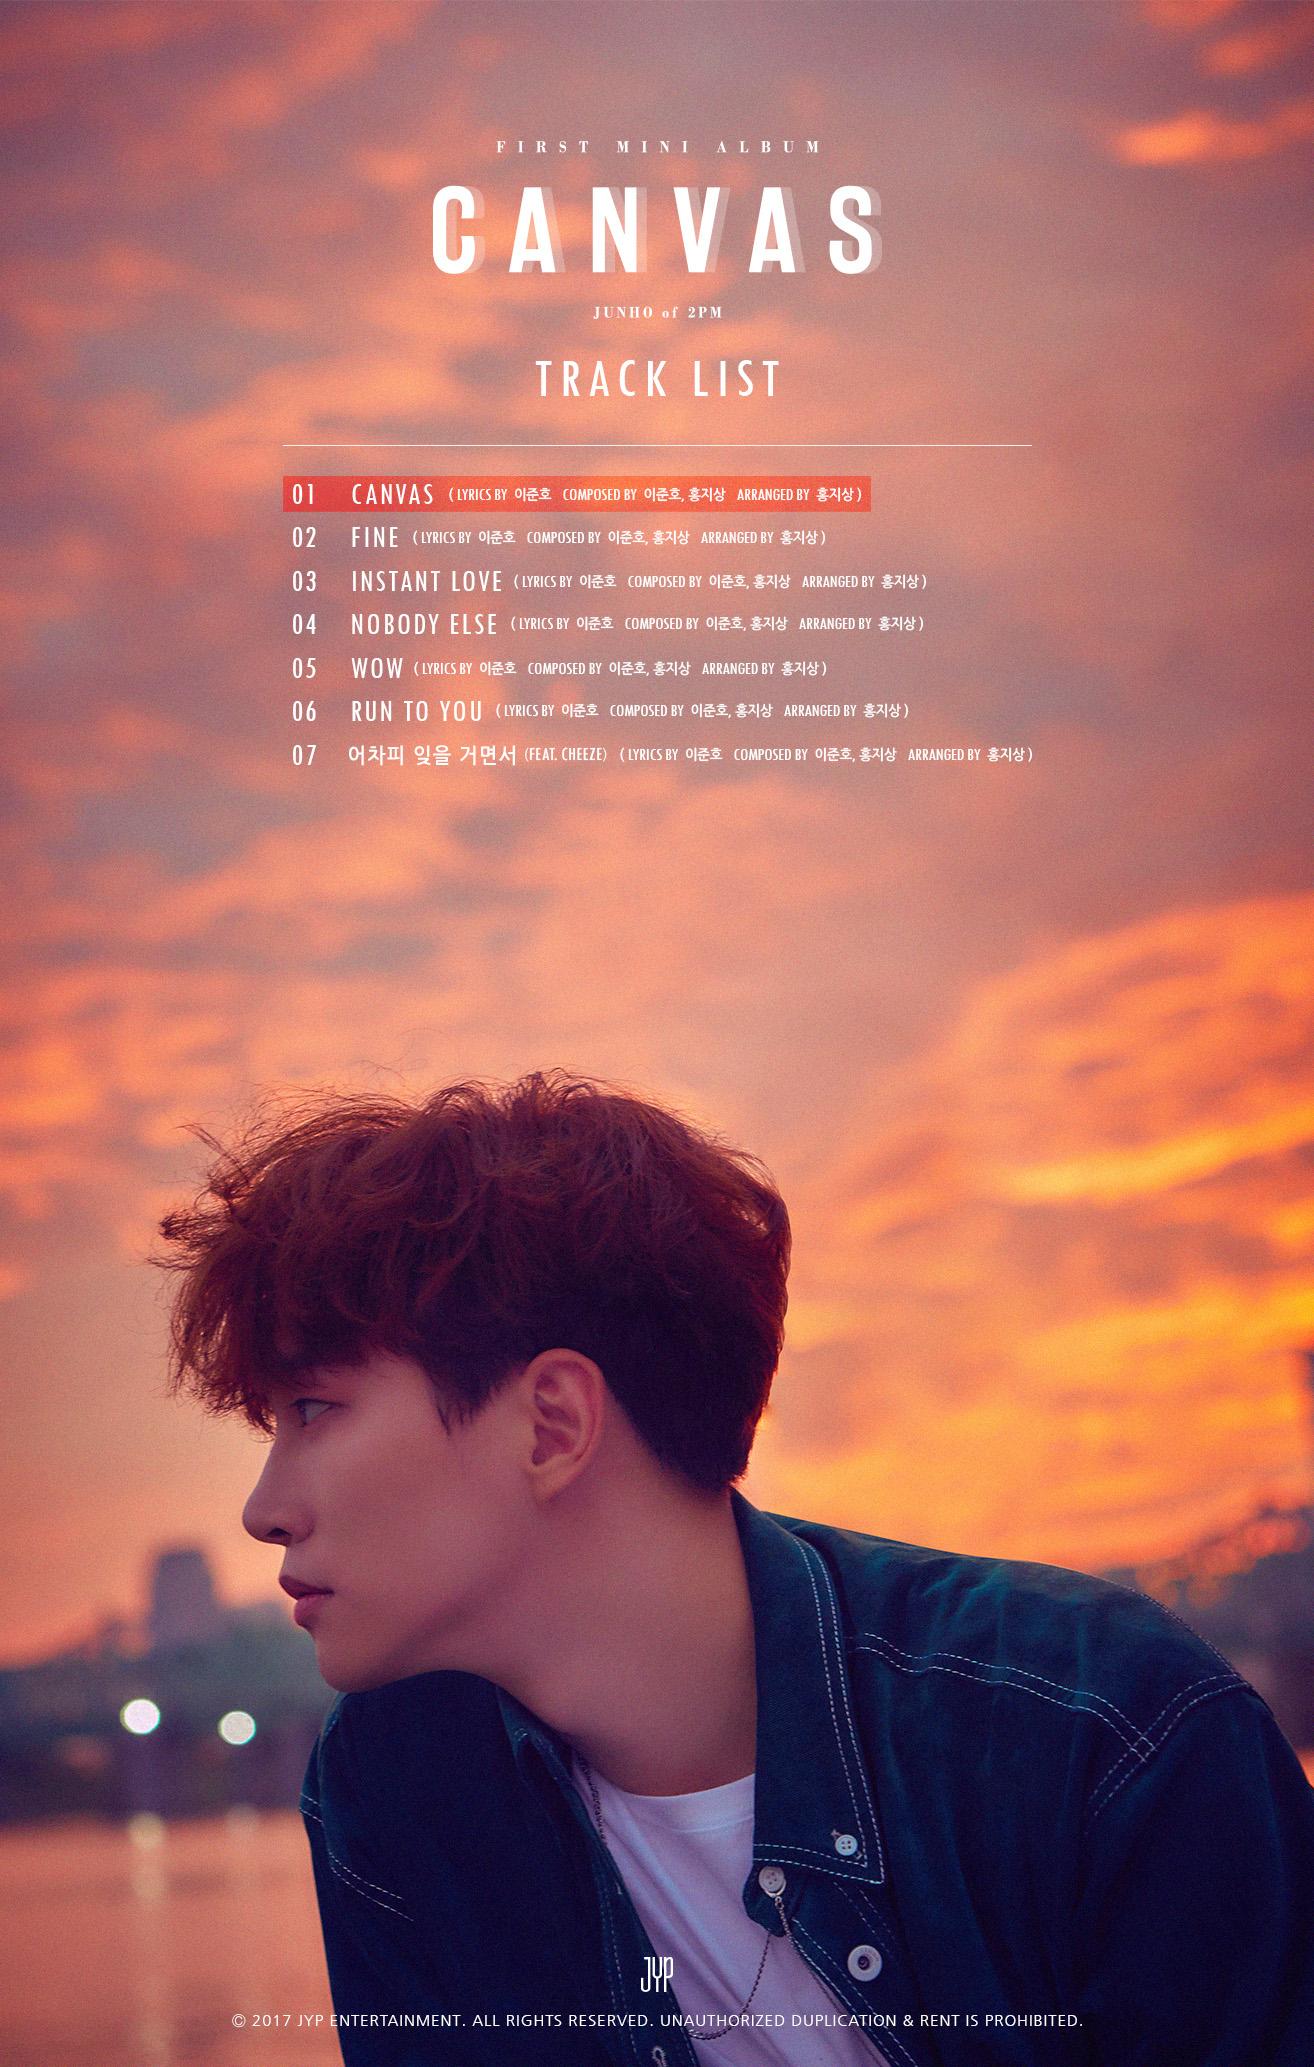 2PM 준호, 반려묘 '람보'에 대한 그리움 담은 'FINE' 뮤직비디오 선공개!